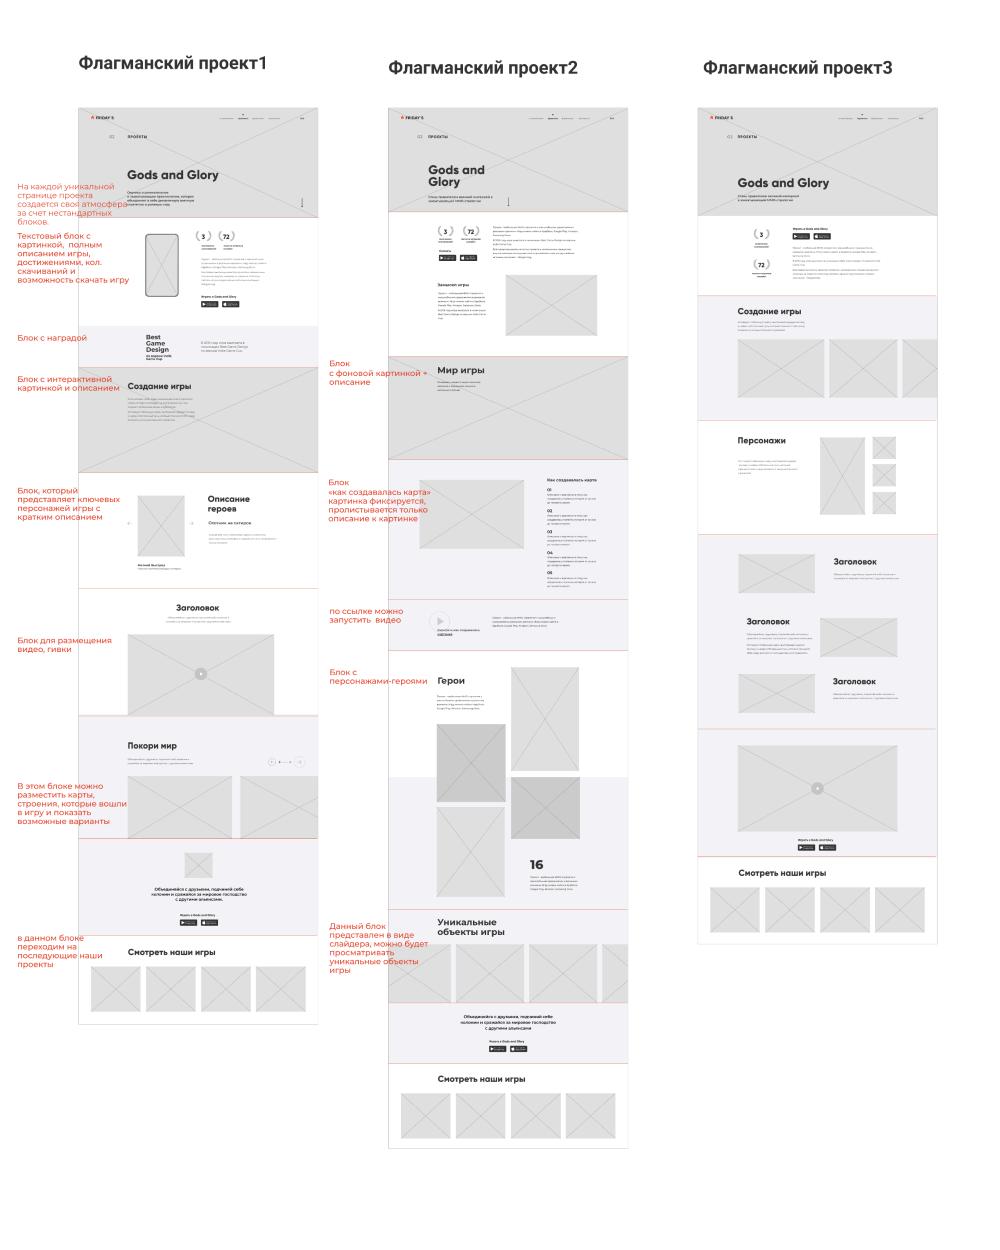 Дизайн и разработка сайта для презентации компании и привлечения сотрудников